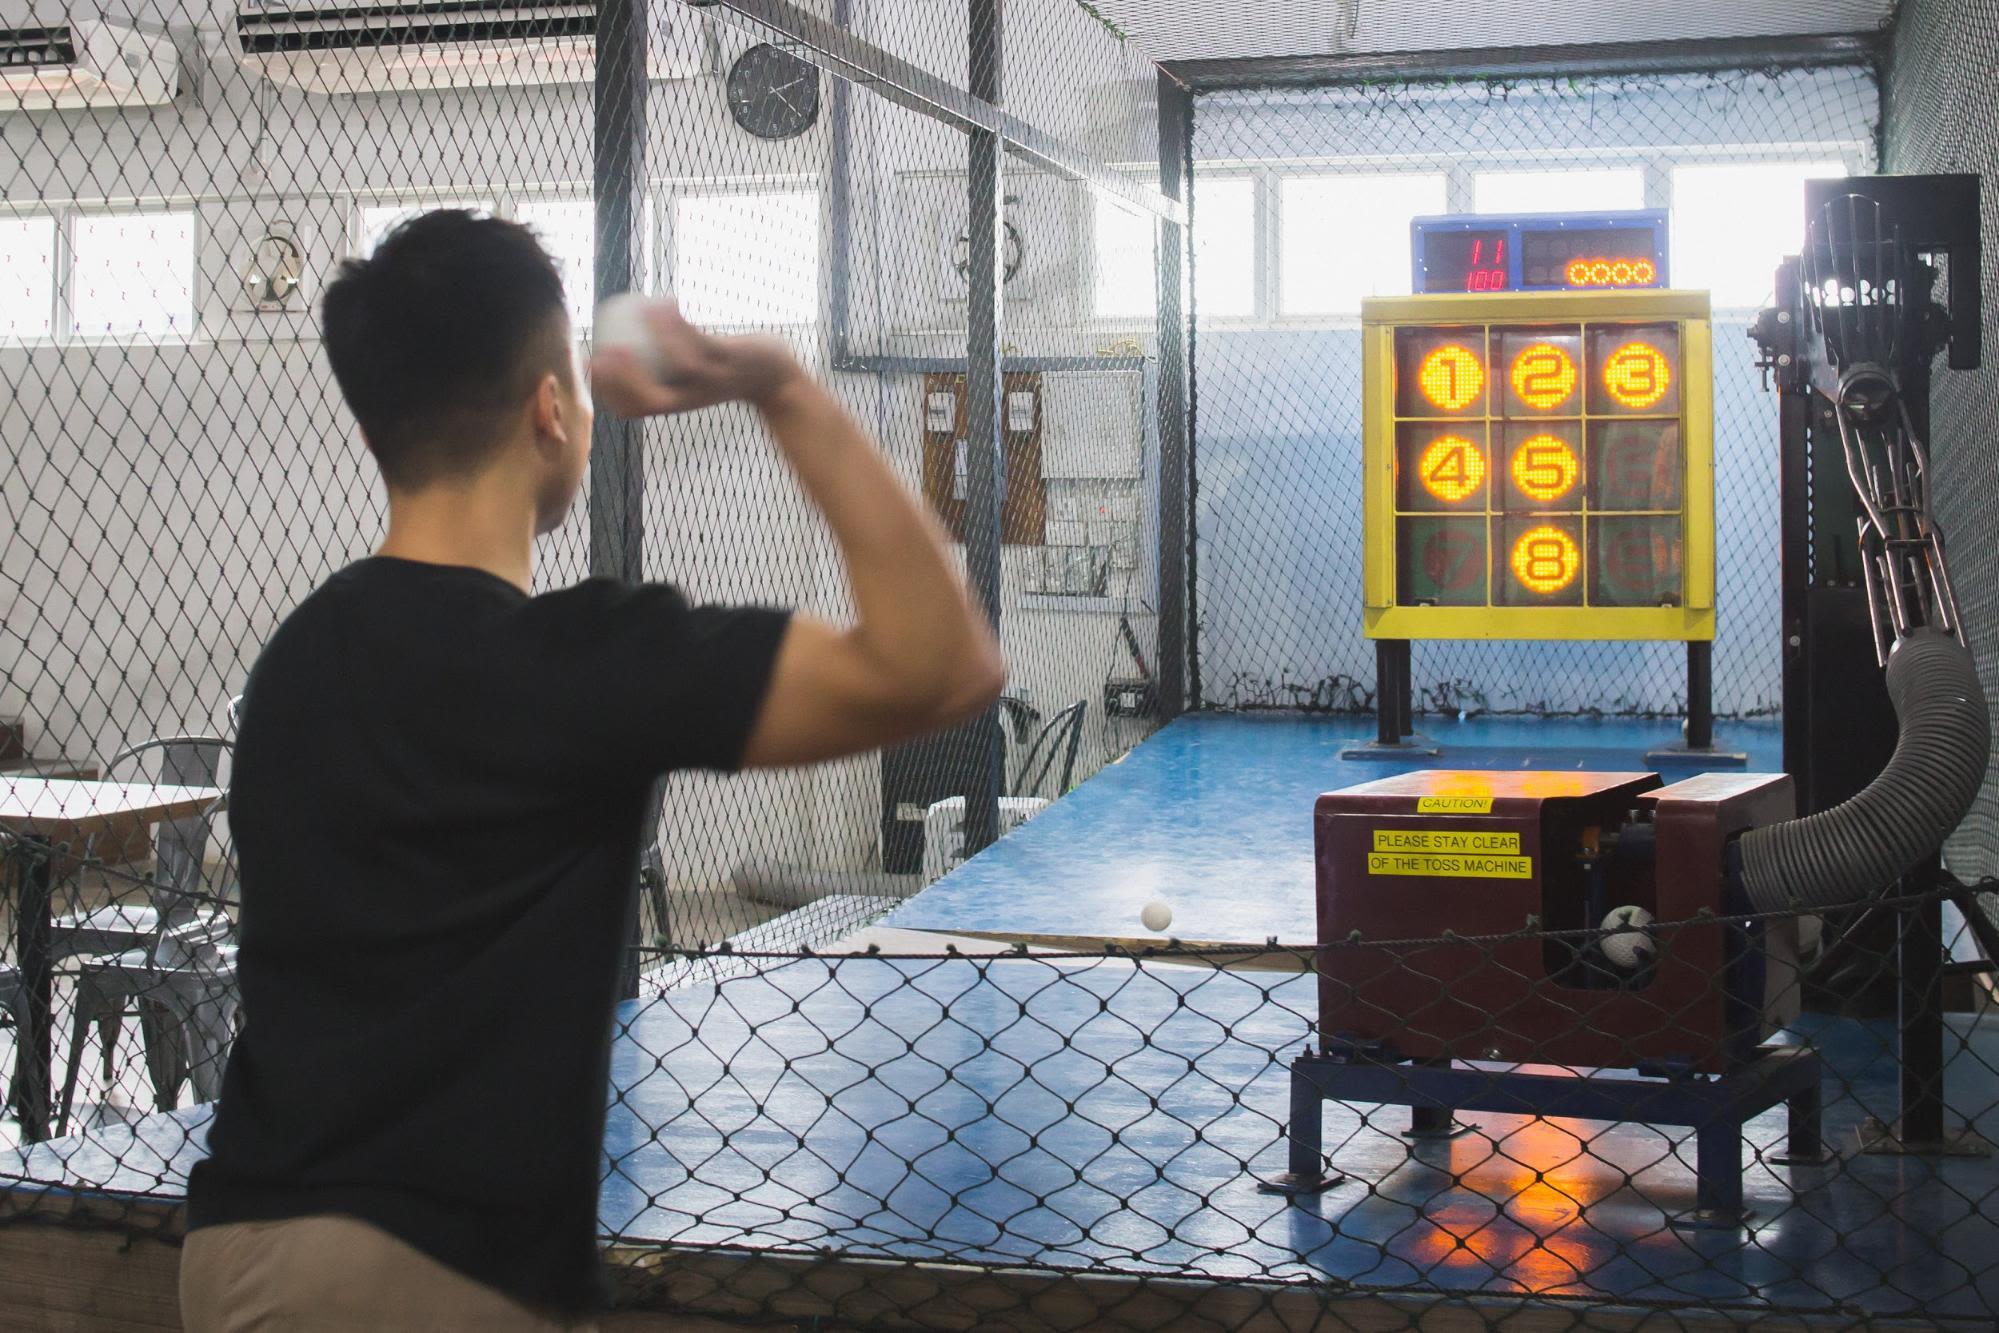 chơi bóng chày tại homerun baseball, phía tây singapore